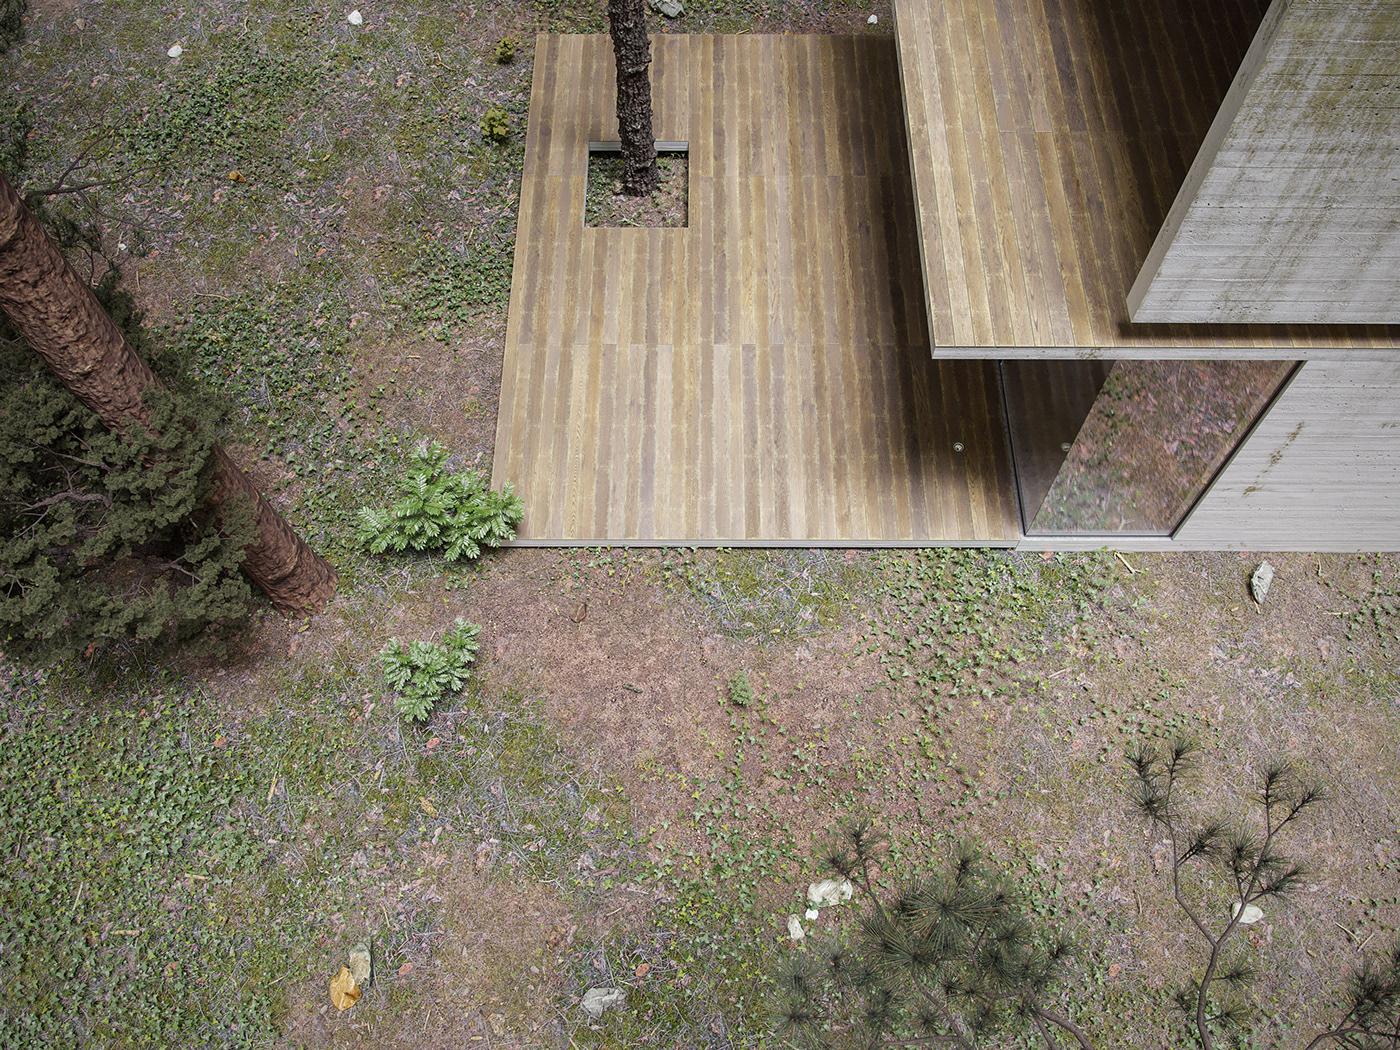 3D architecture ARQUITETURA art concrete decor exterior forest Fotografia Photography